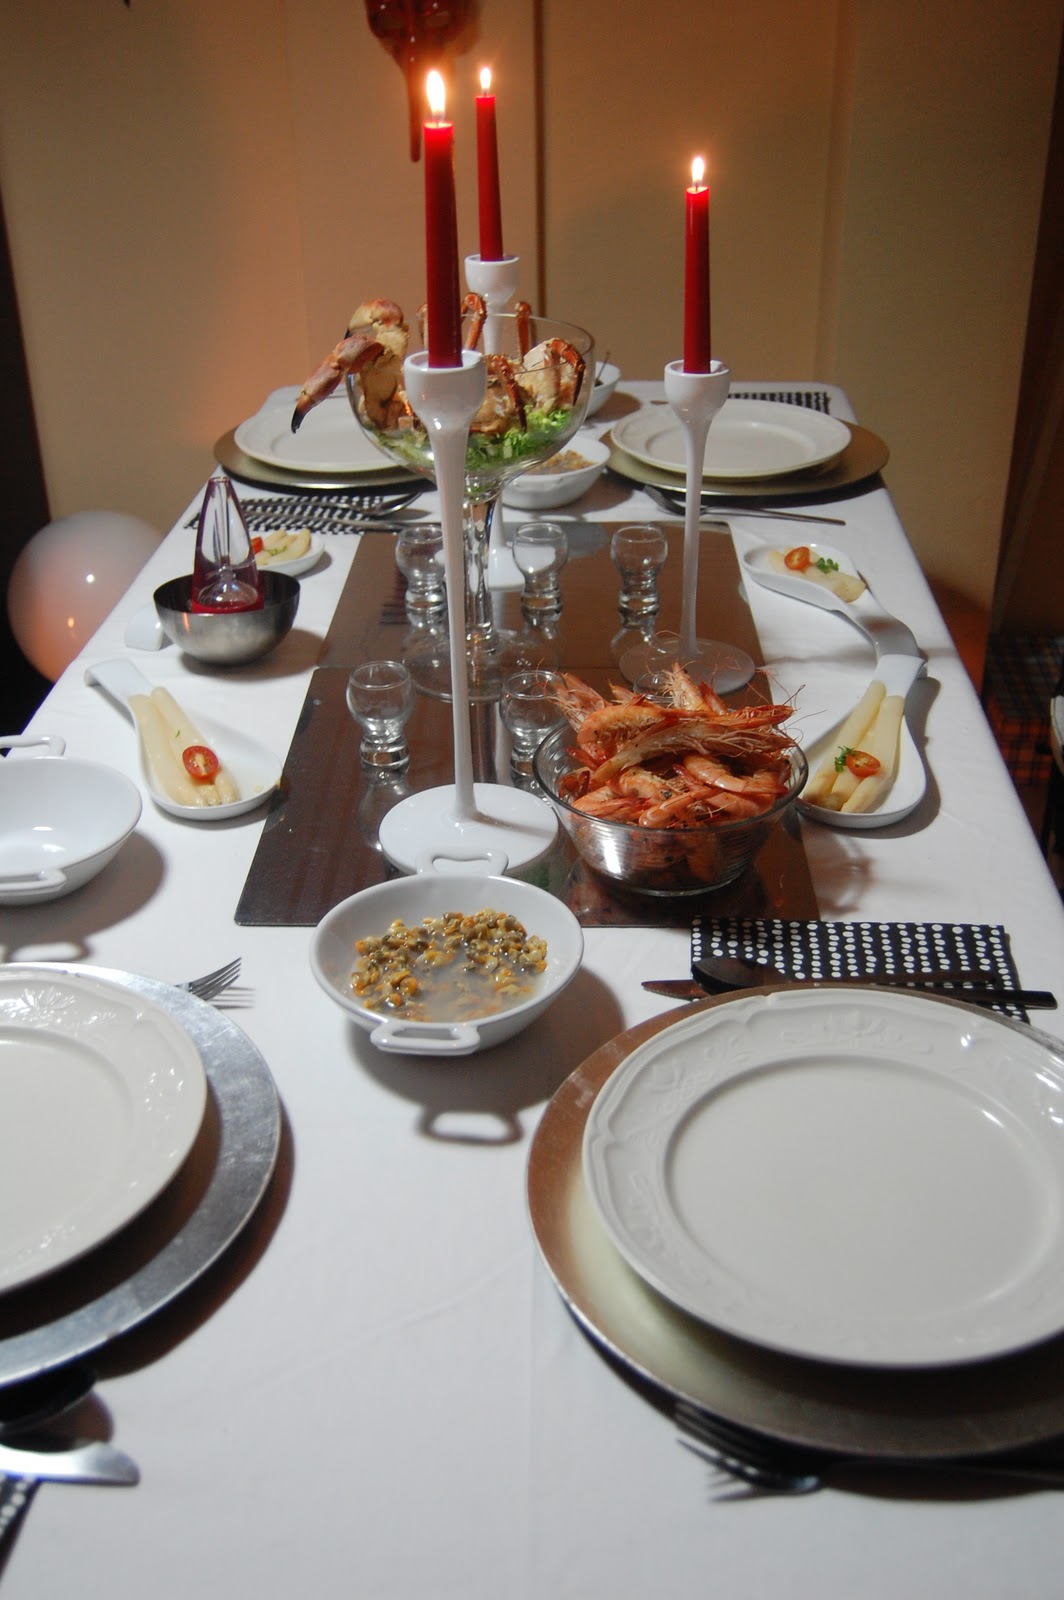 La alacena de charo val servicio de cocinero a domicilio for Cocina tradicional